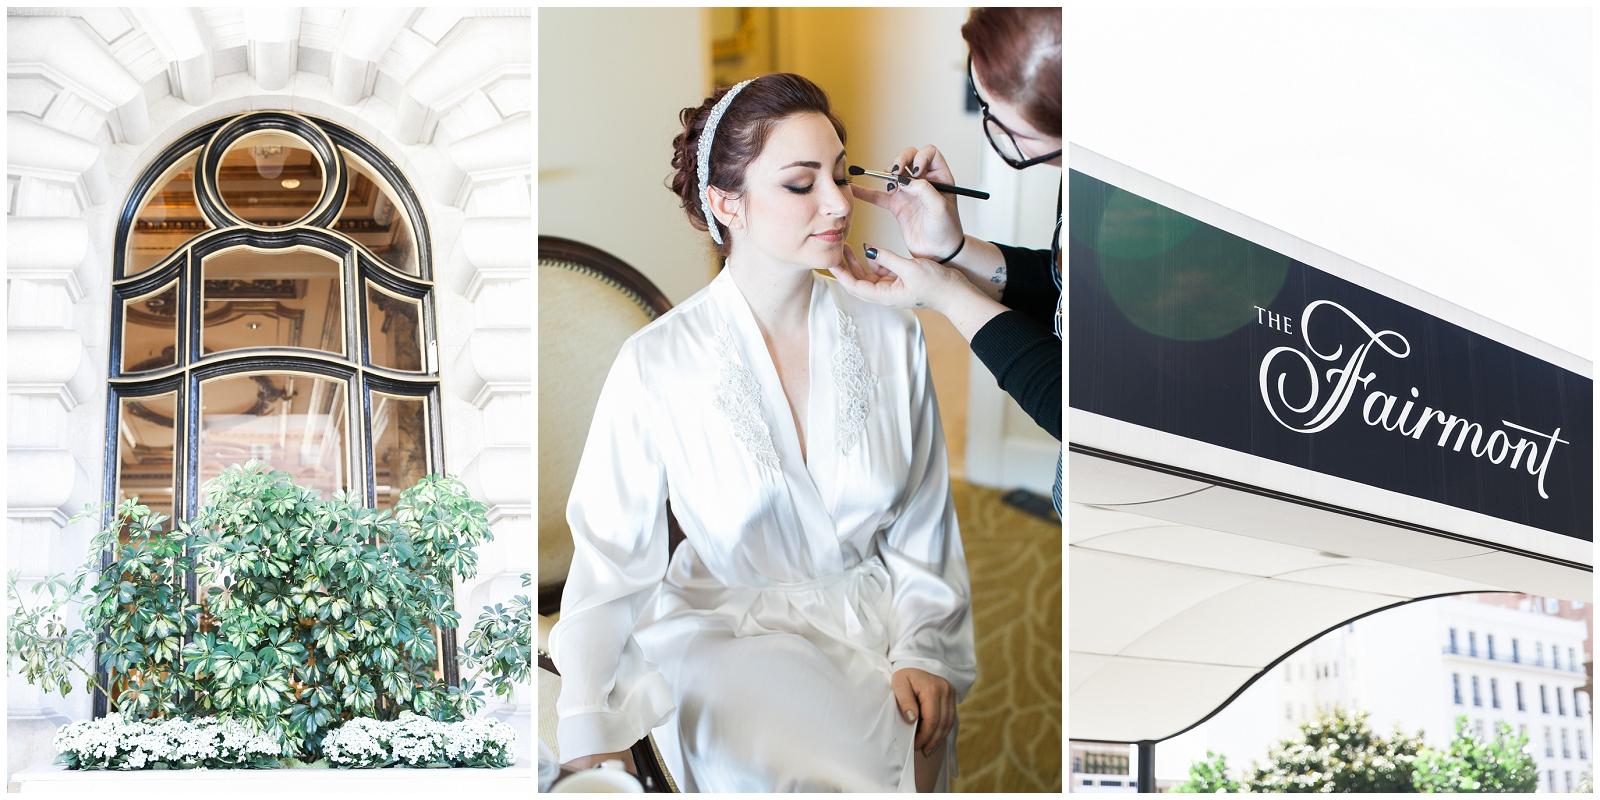 San-Francisco-Bay-Area-Wedding-Photography-Fairmont-5.jpg